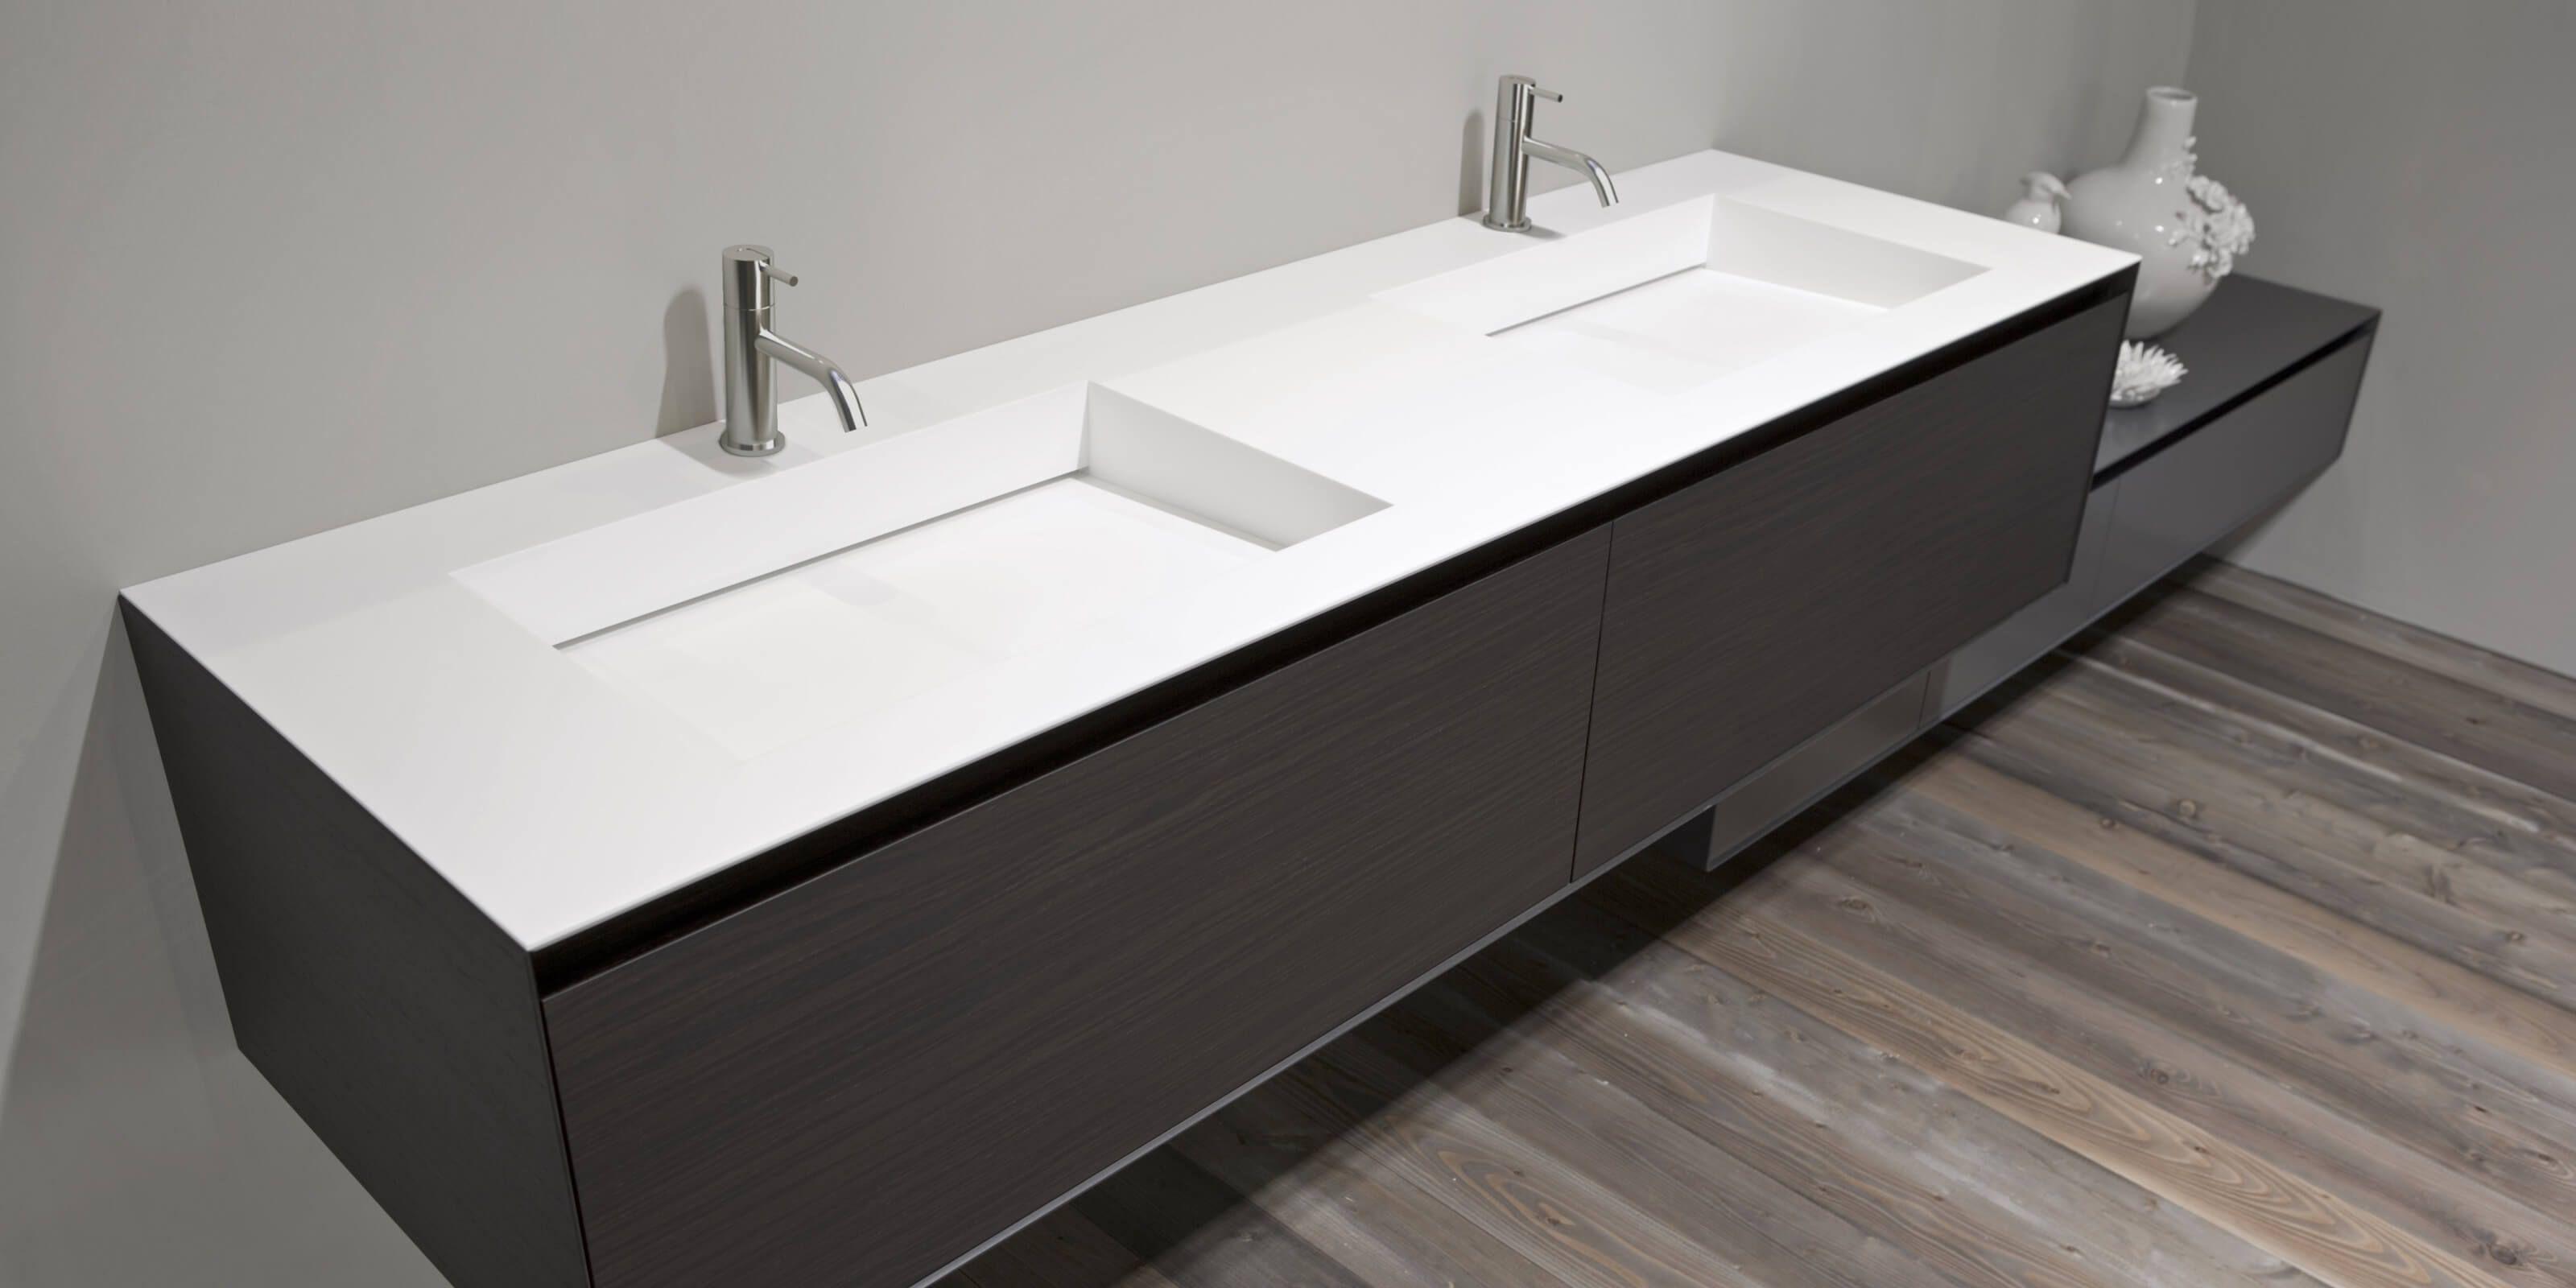 Proposte Di Arredo Bagno scopri le nostre proposte di arredo bagno. | badezimmer design